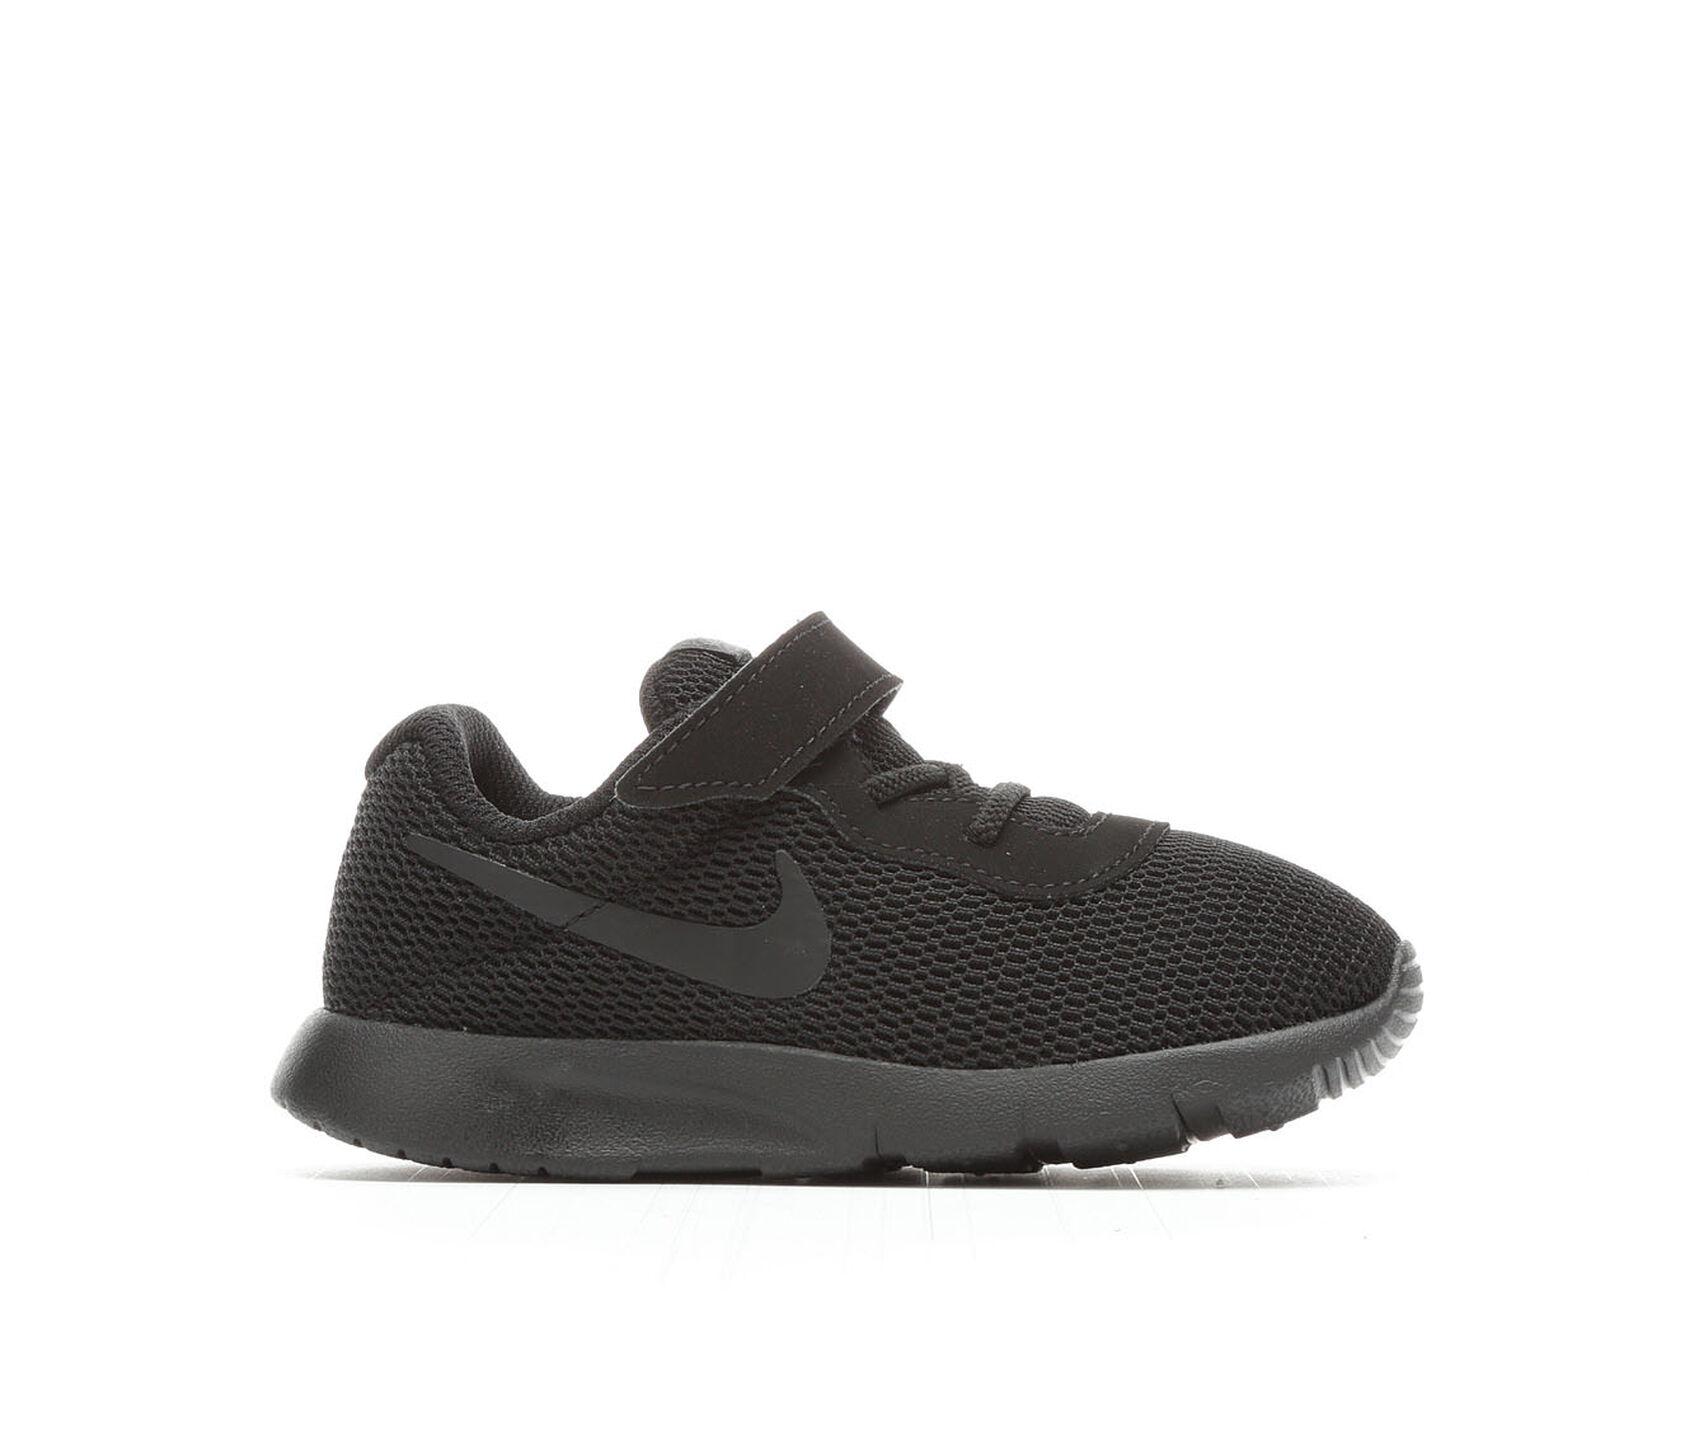 Kids Nike Infant Tanjun Sneakers